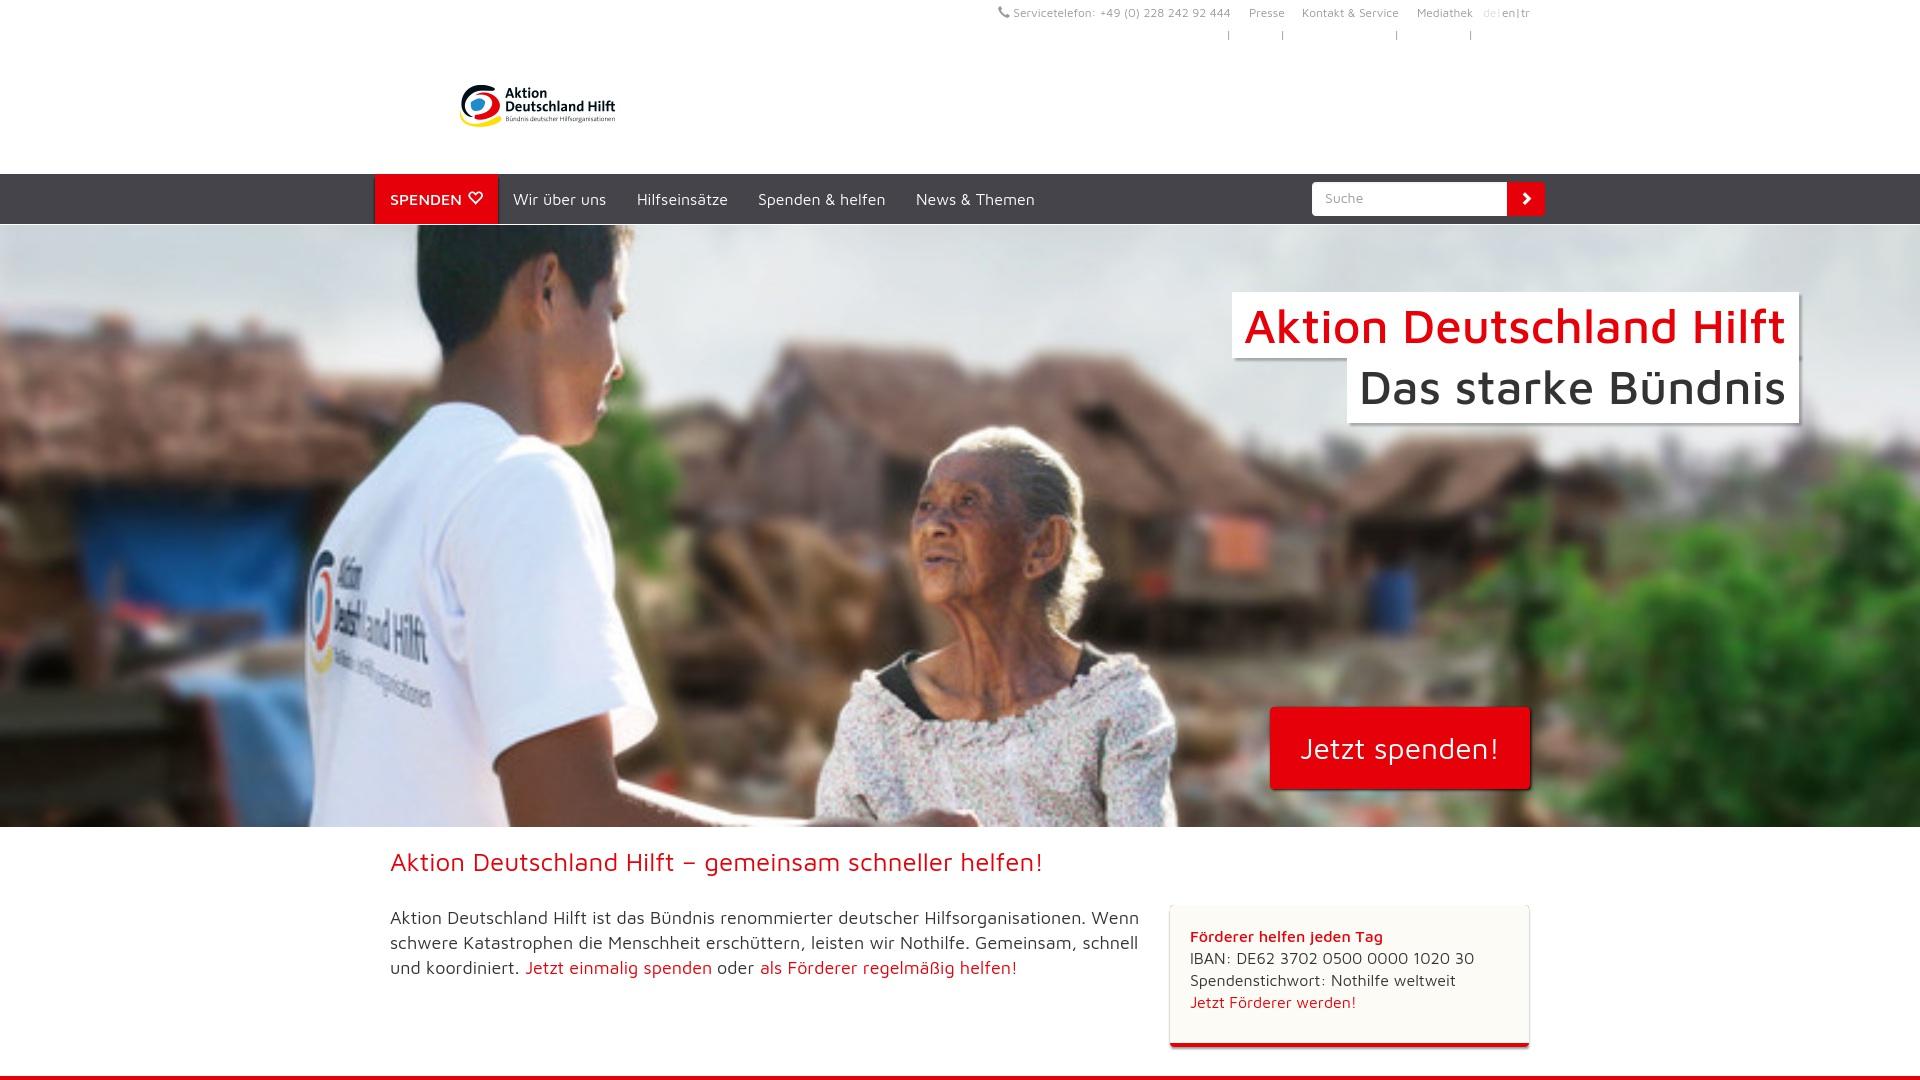 Gutschein für Aktion-deutschland-hilft: Rabatte für  Aktion-deutschland-hilft sichern